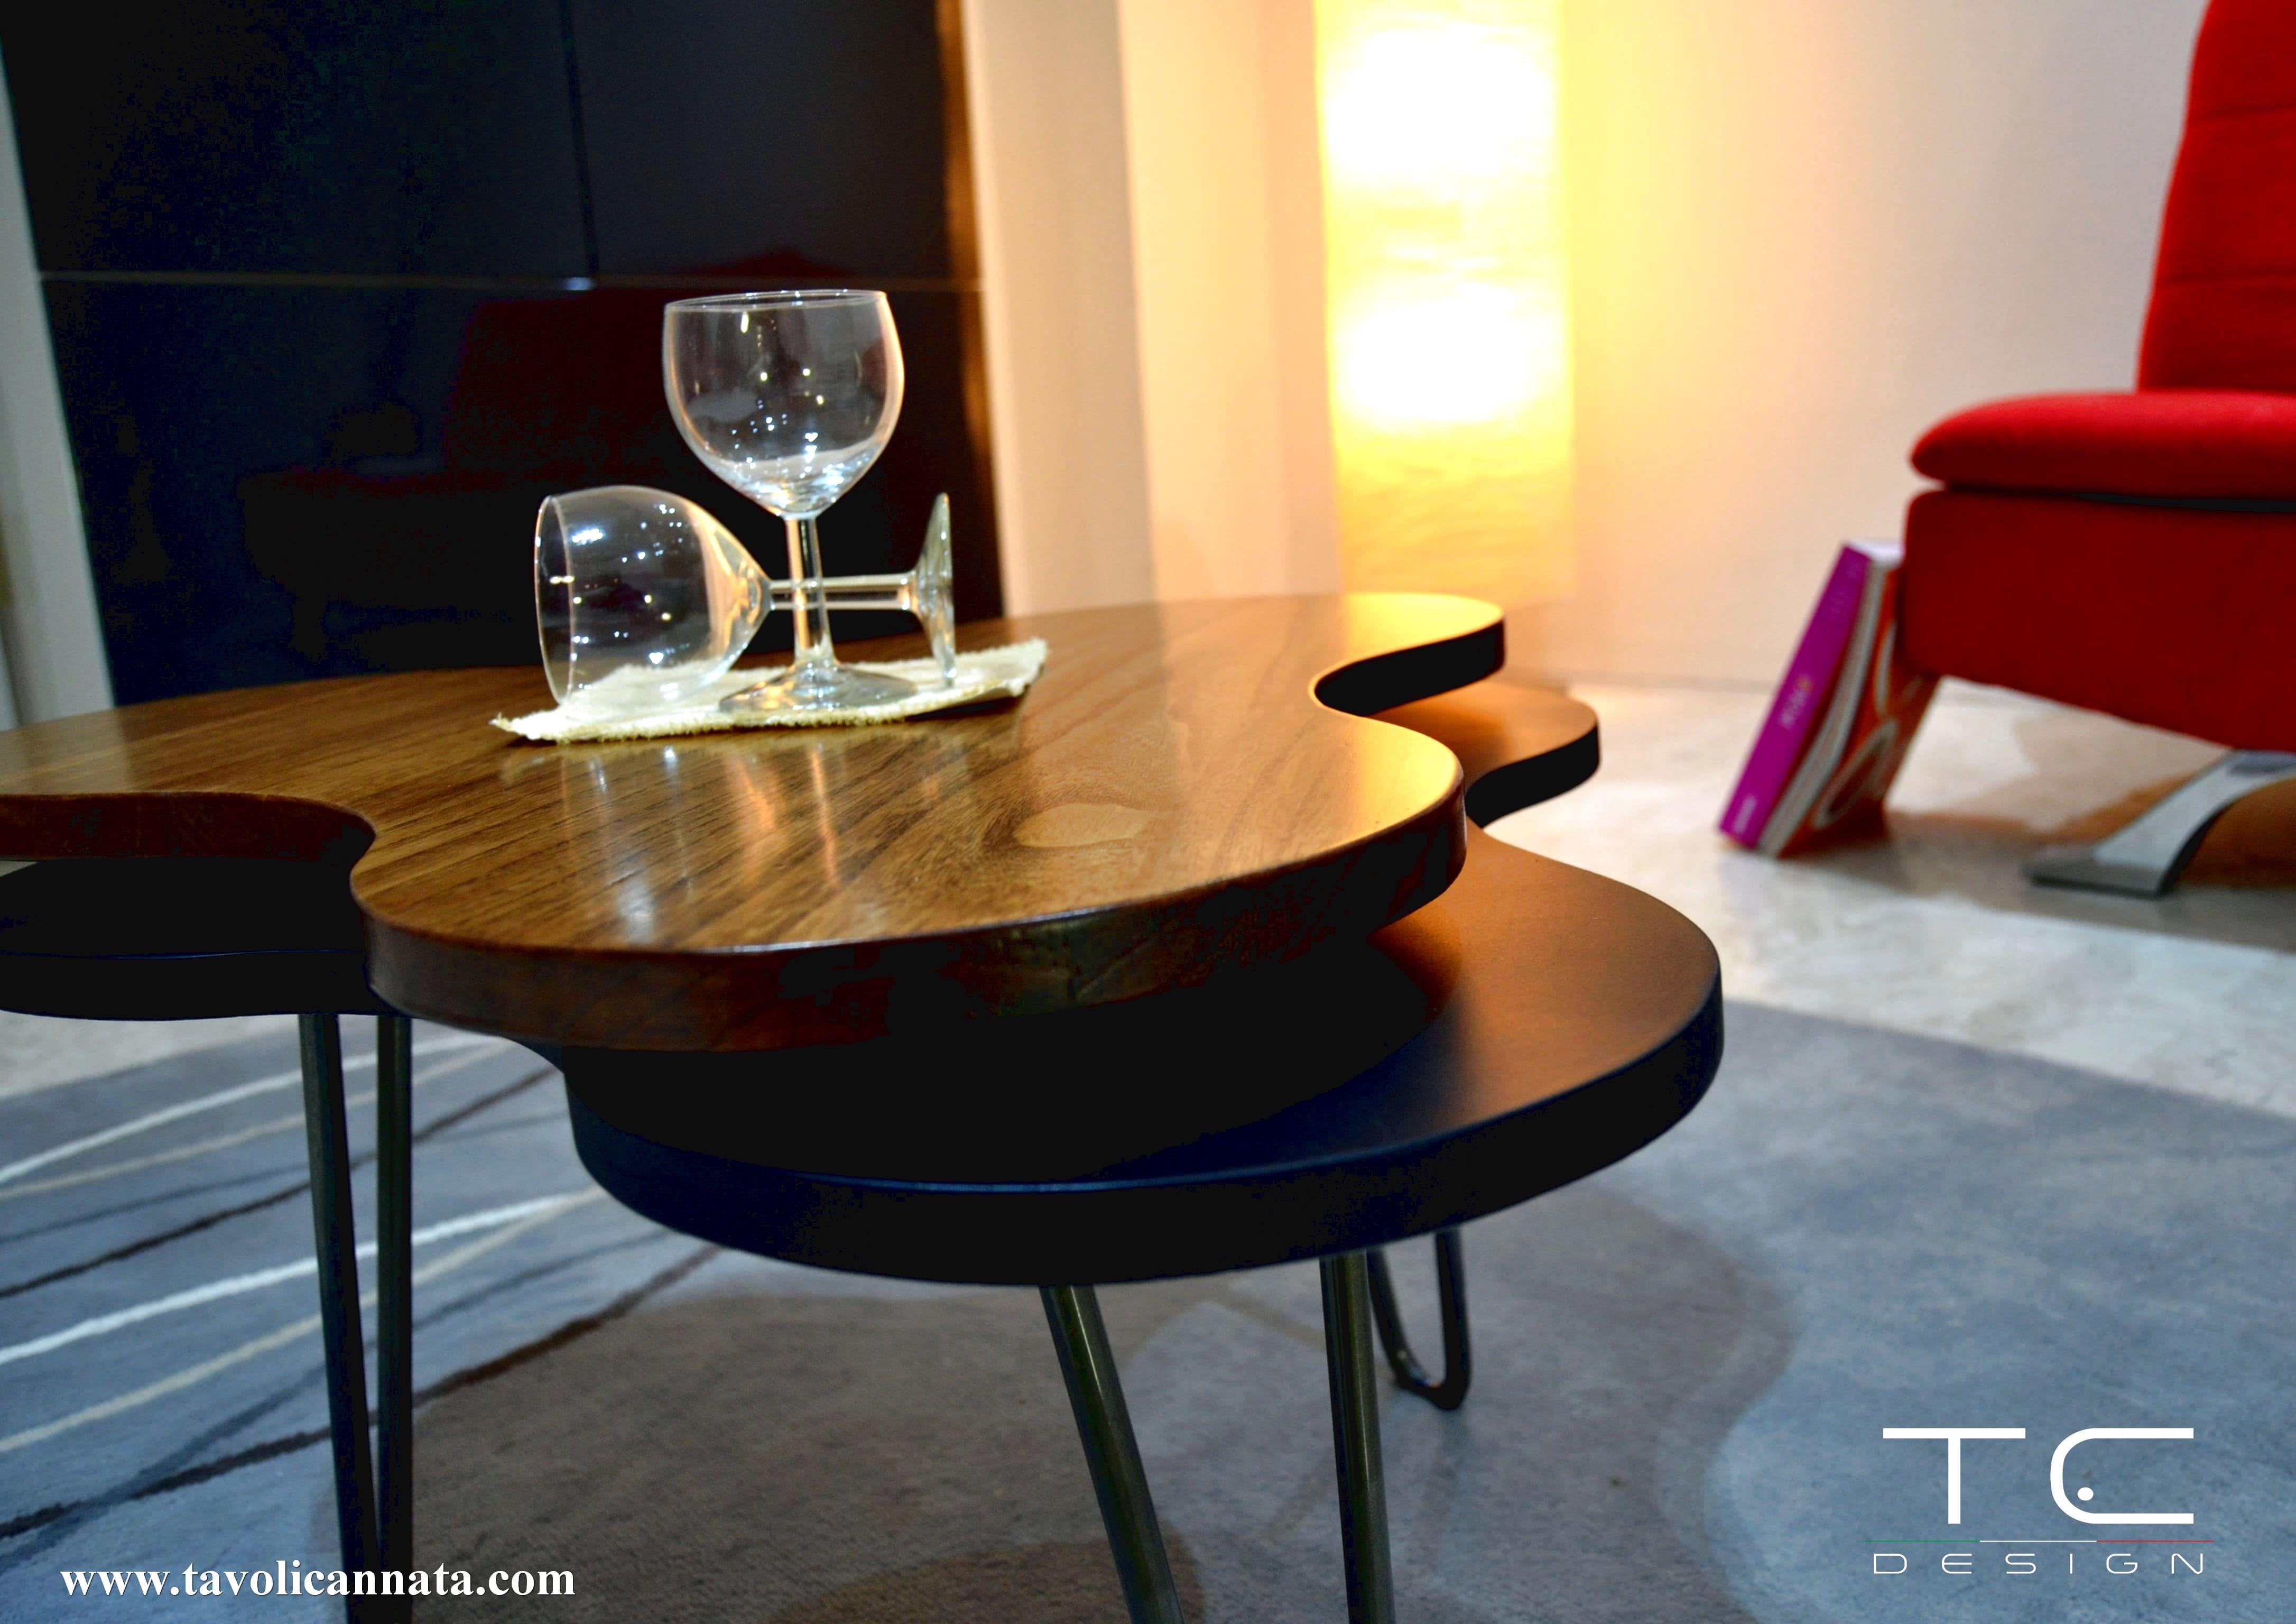 Tavolino In Legno Di Design Per Salotto Tavolini Cannata